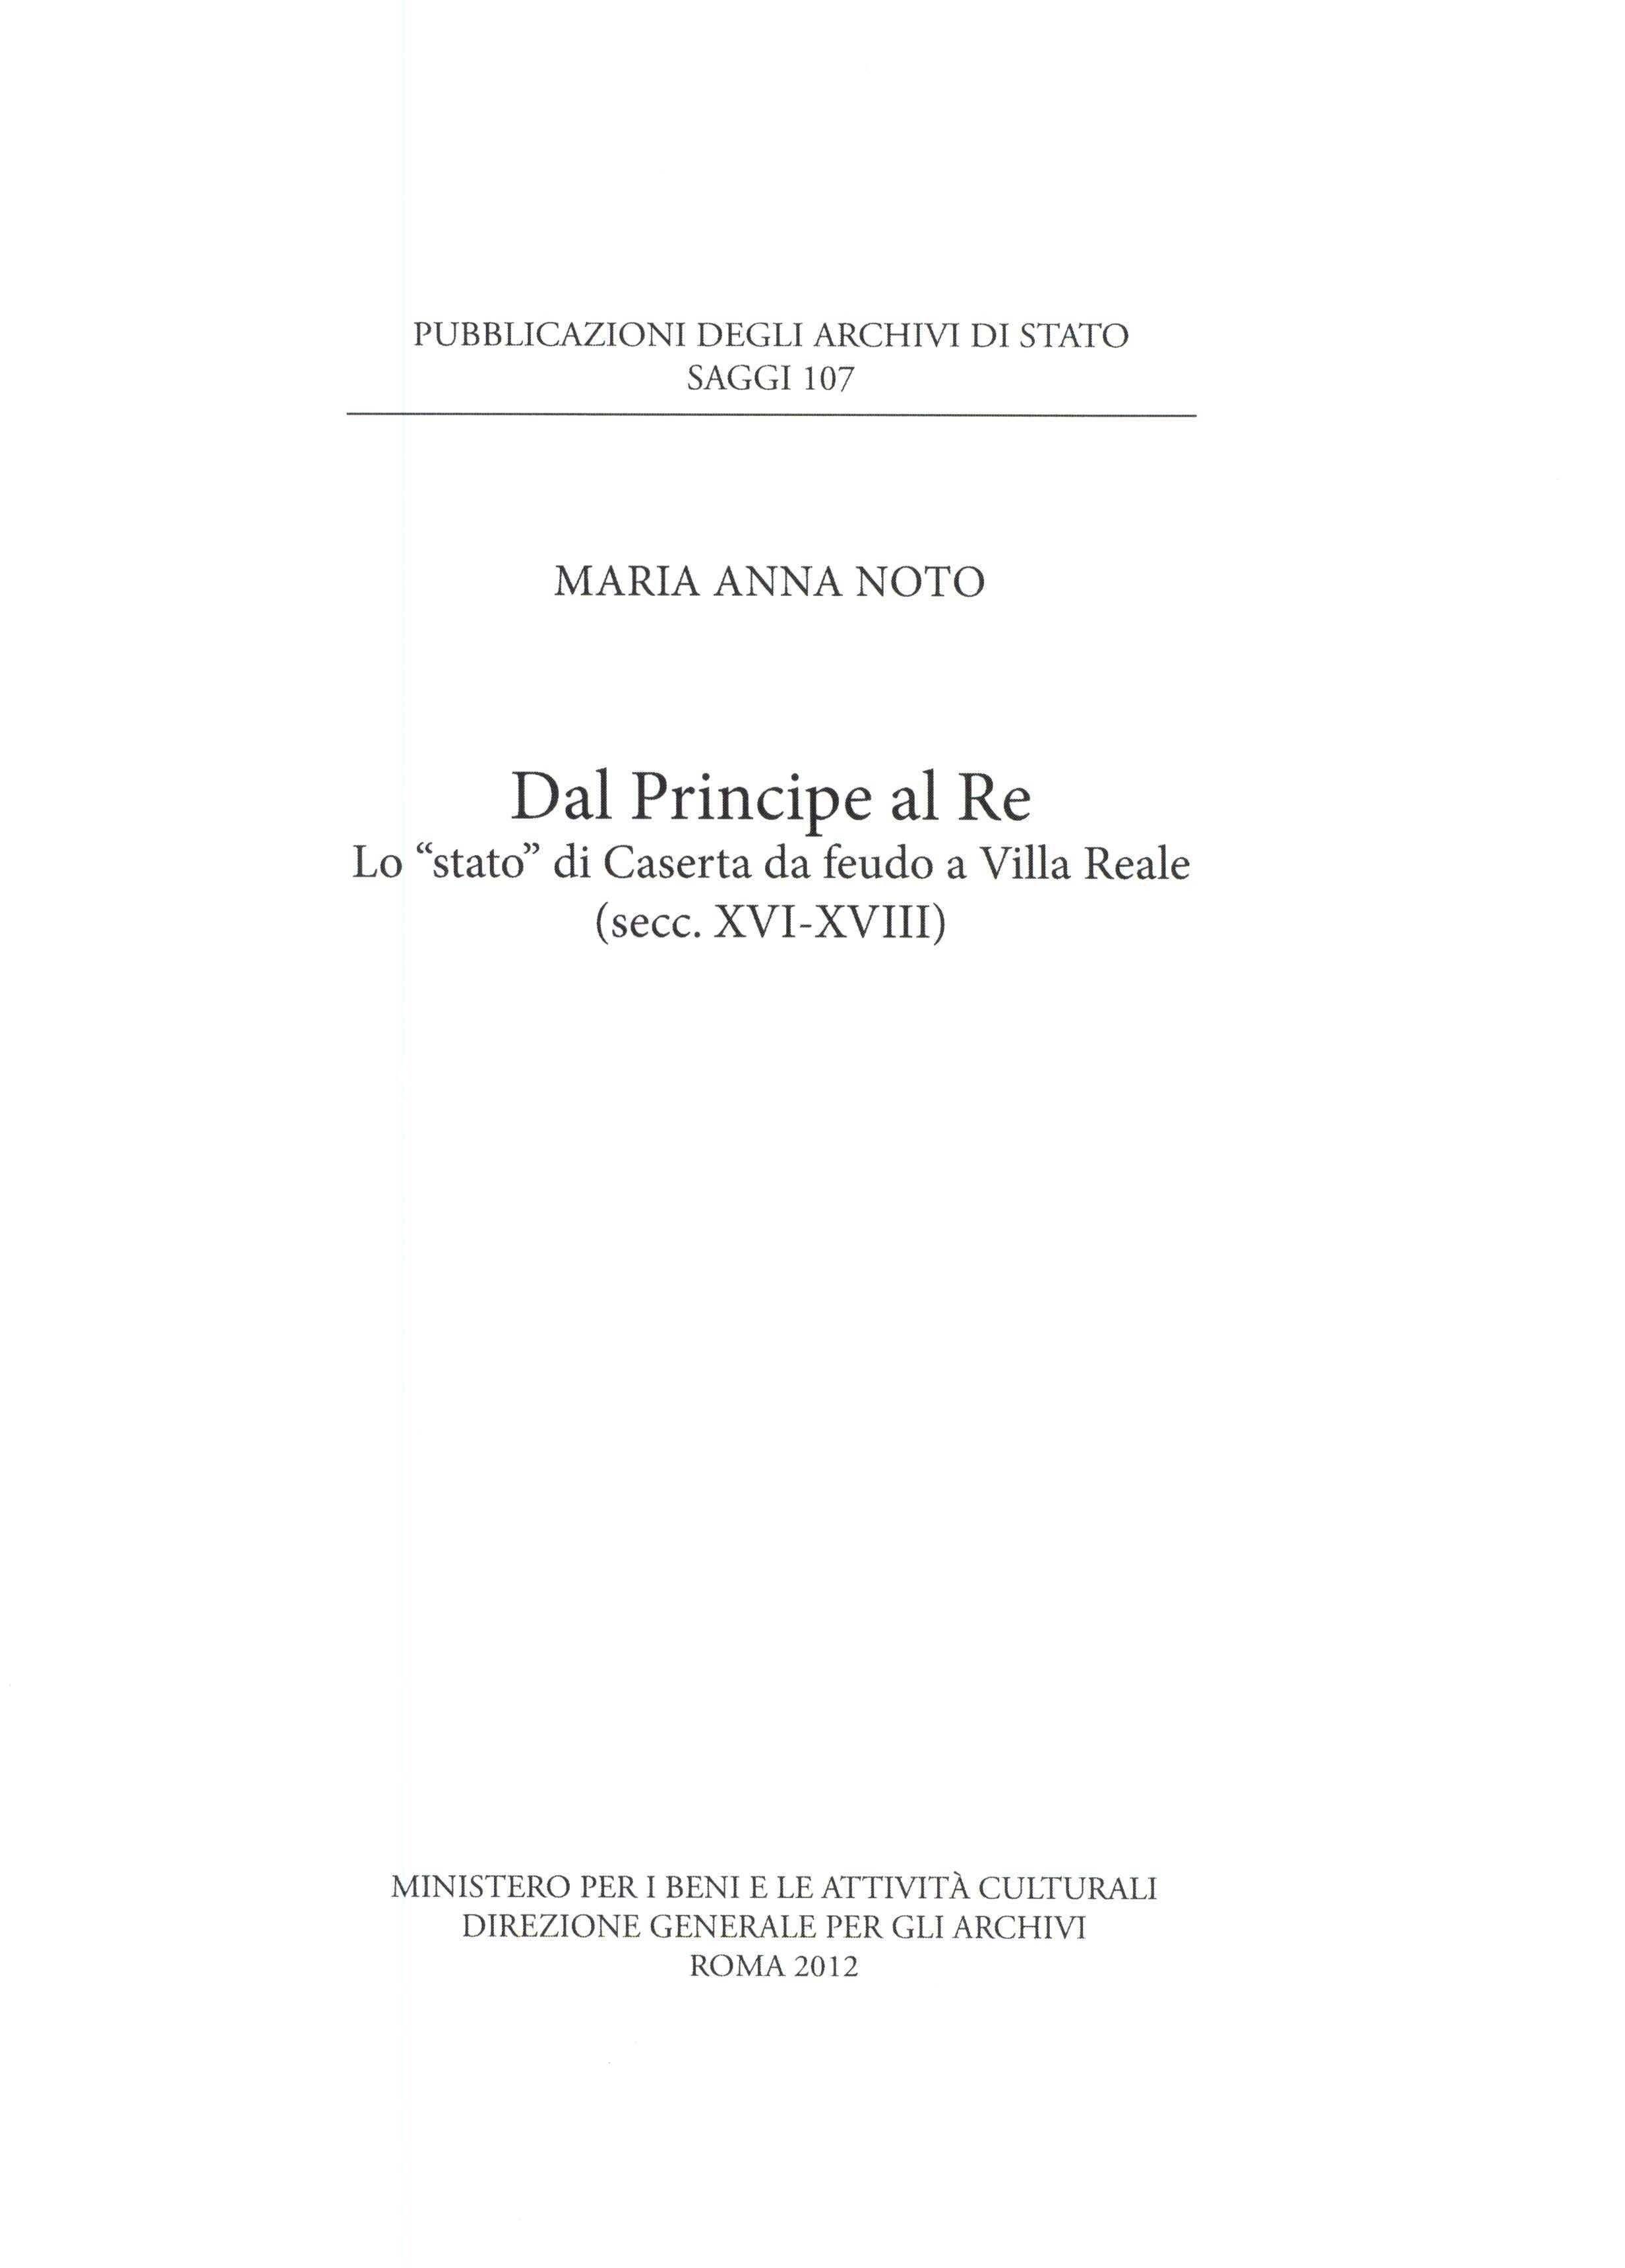 """107. Maria Anna Noto, Dal Principe al Re. Lo """"stato"""" di Caserta da feudo a Villa Reale (secc. XVI-XVIII), Roma, 2012"""